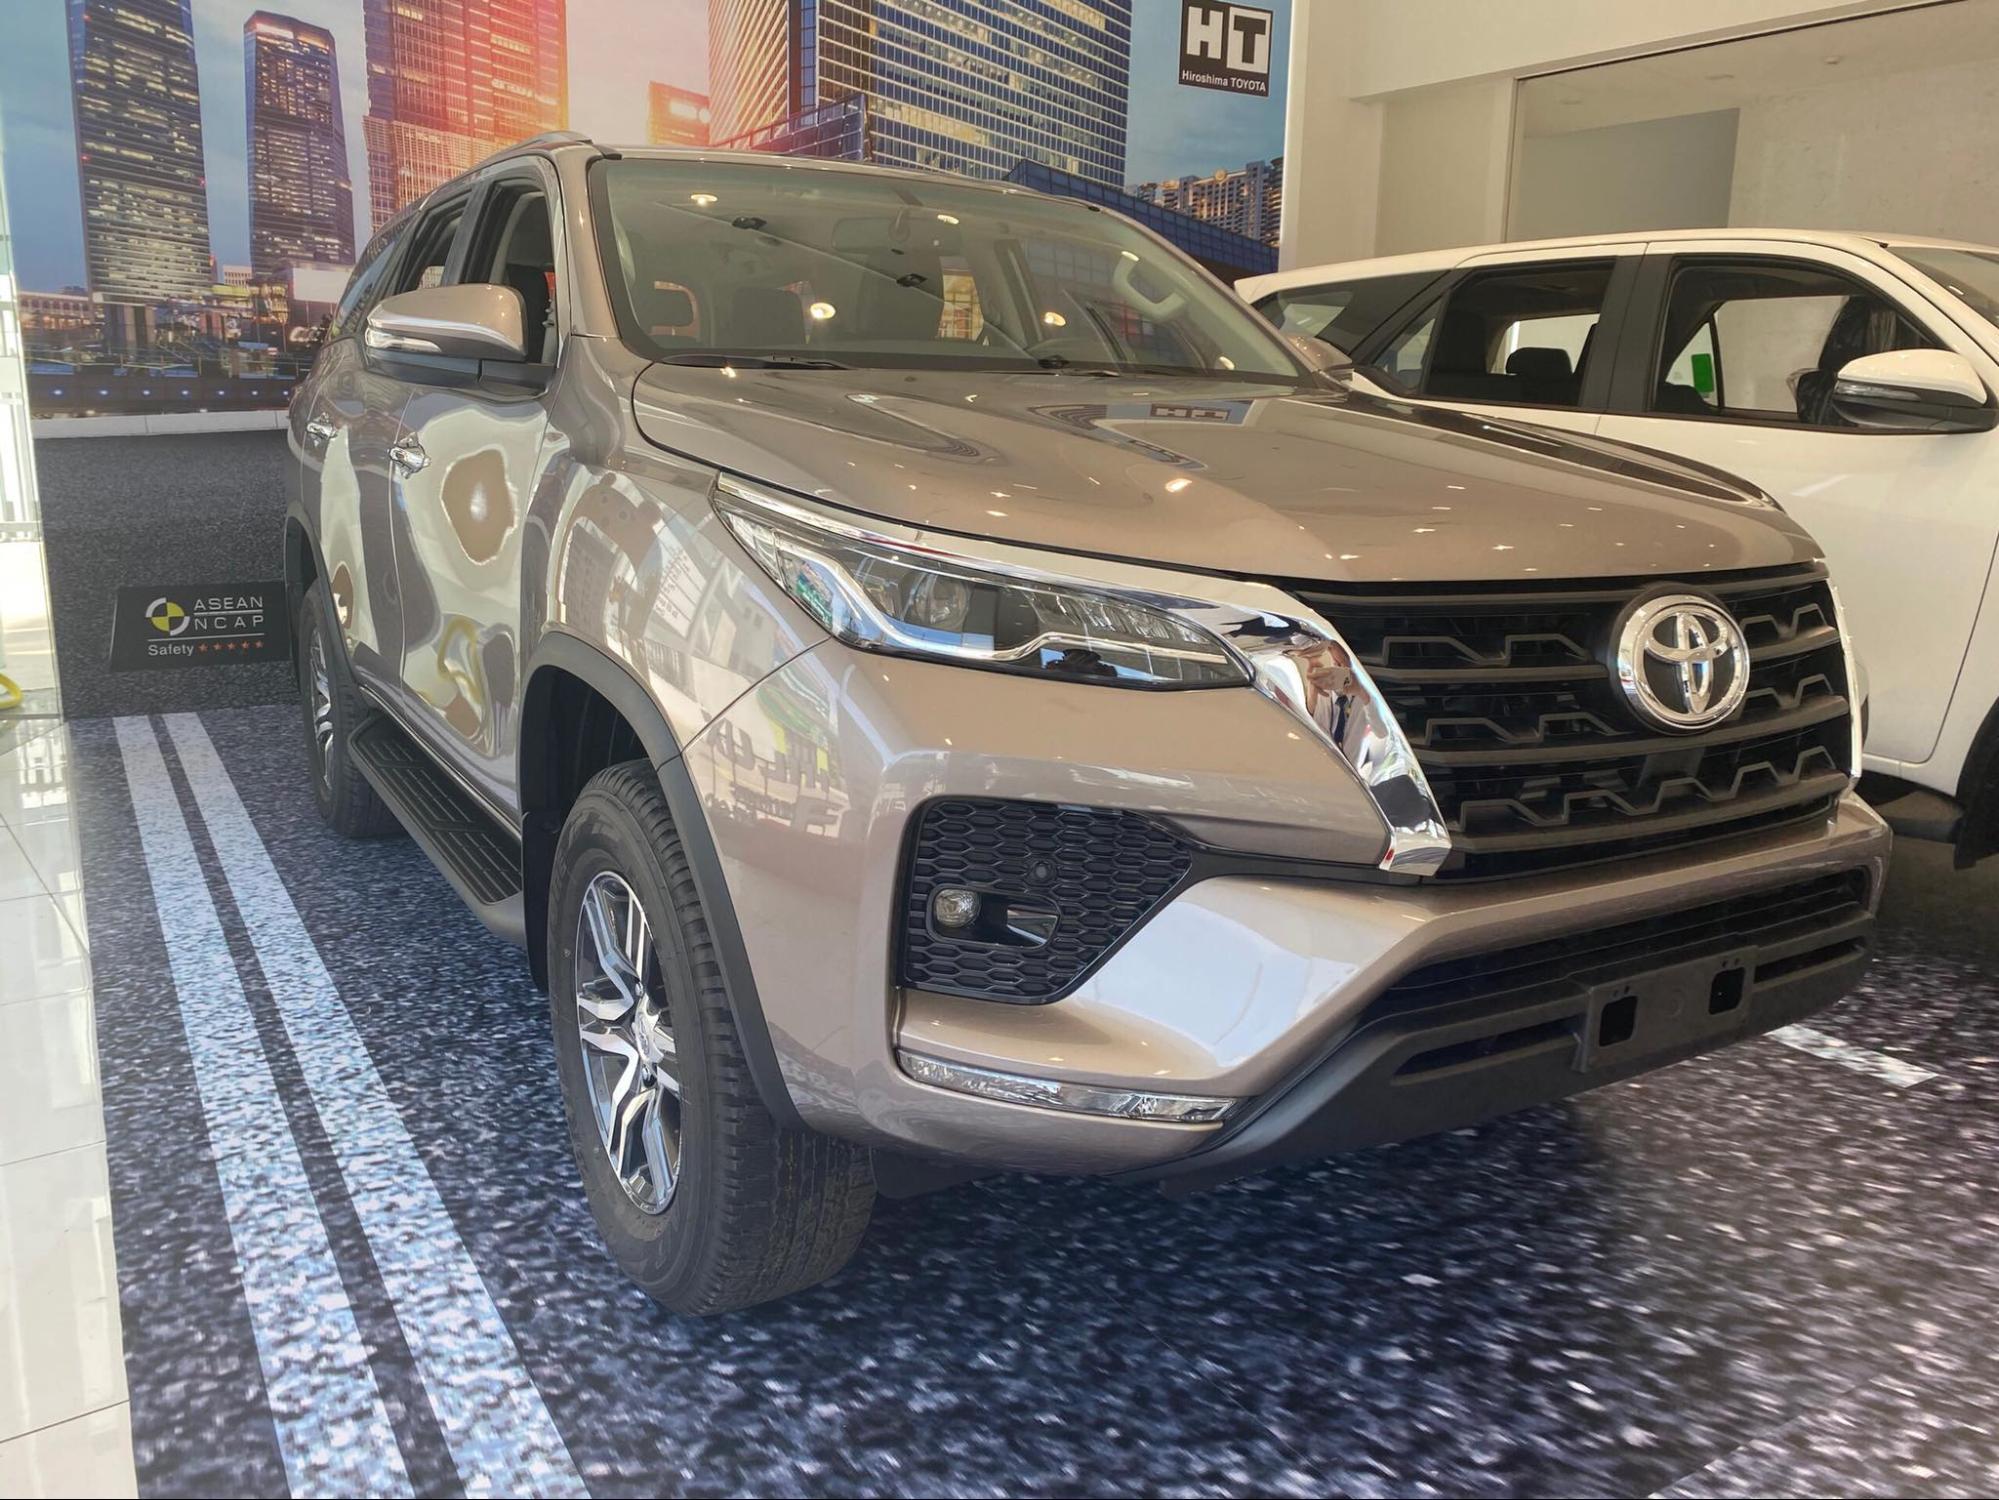 sanh toyota fortuner 2021 va kia sorento 2021 ke tam lang nguoi nua can toyotalongphuoc vn 4 - So sánh Vinfast Lux SA 2.0 và Toyota Fortuner bản cao cấp có gì khác biệt?